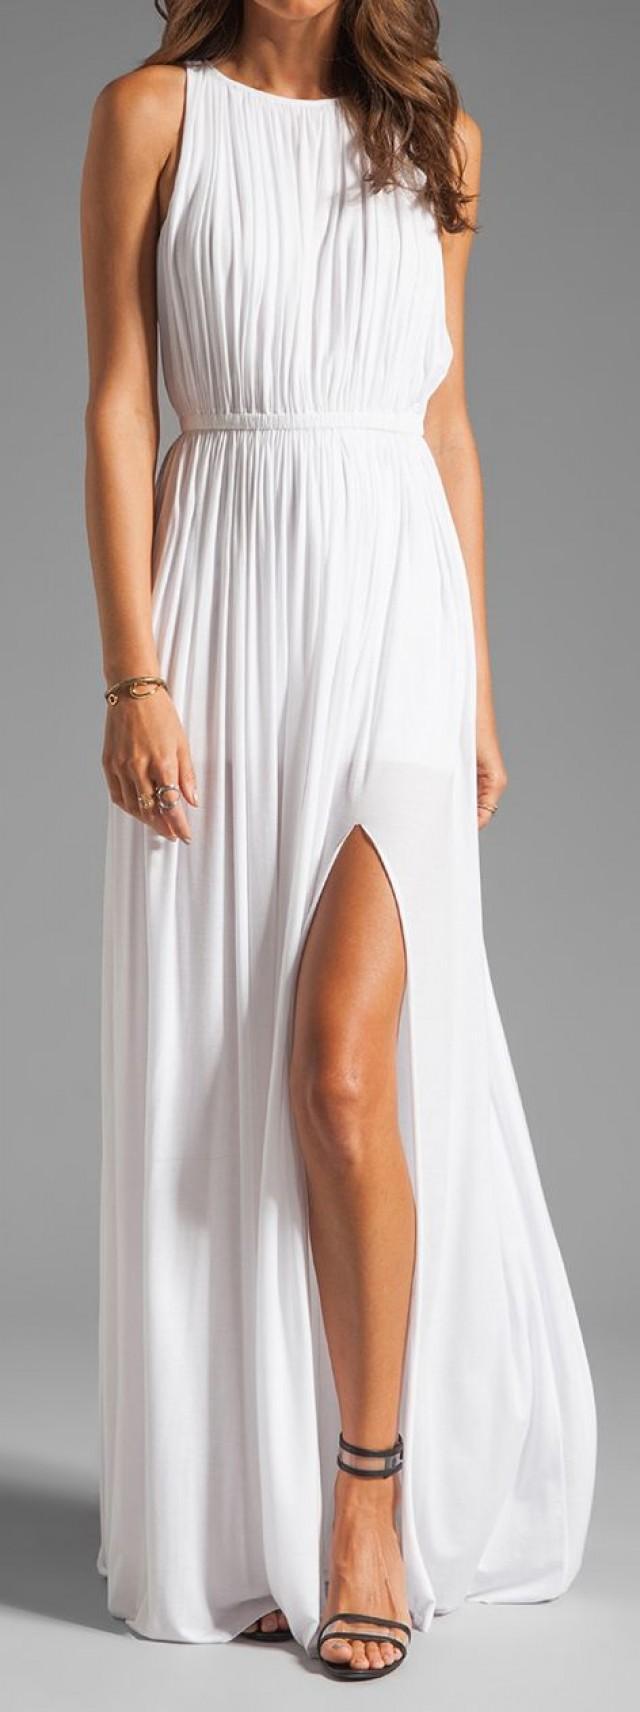 Белое платье на одно плечо как сшить